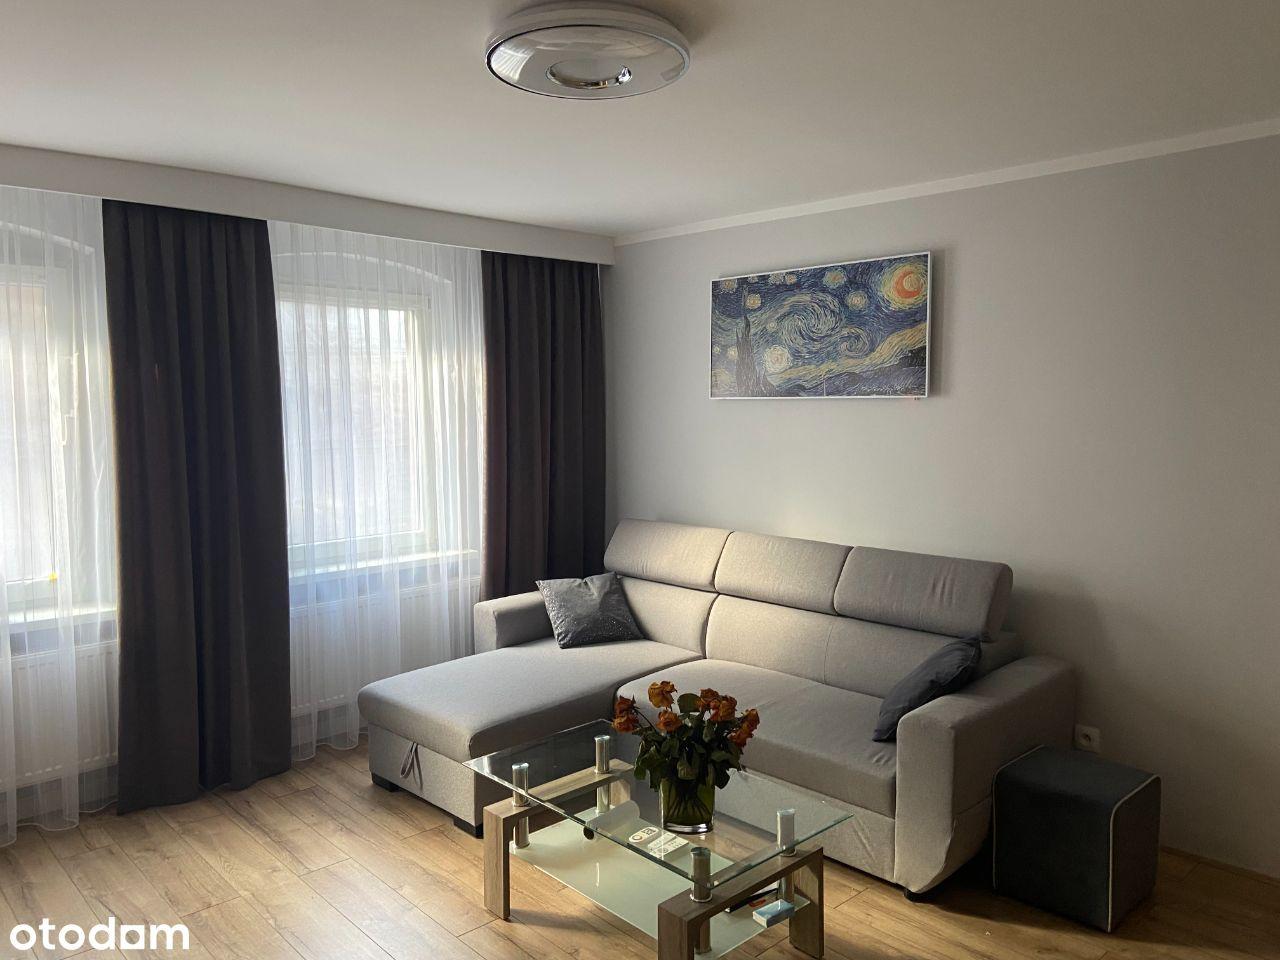 Mieszkanie 47 m2 / lub 80 m2 Świętochłowice Centrm